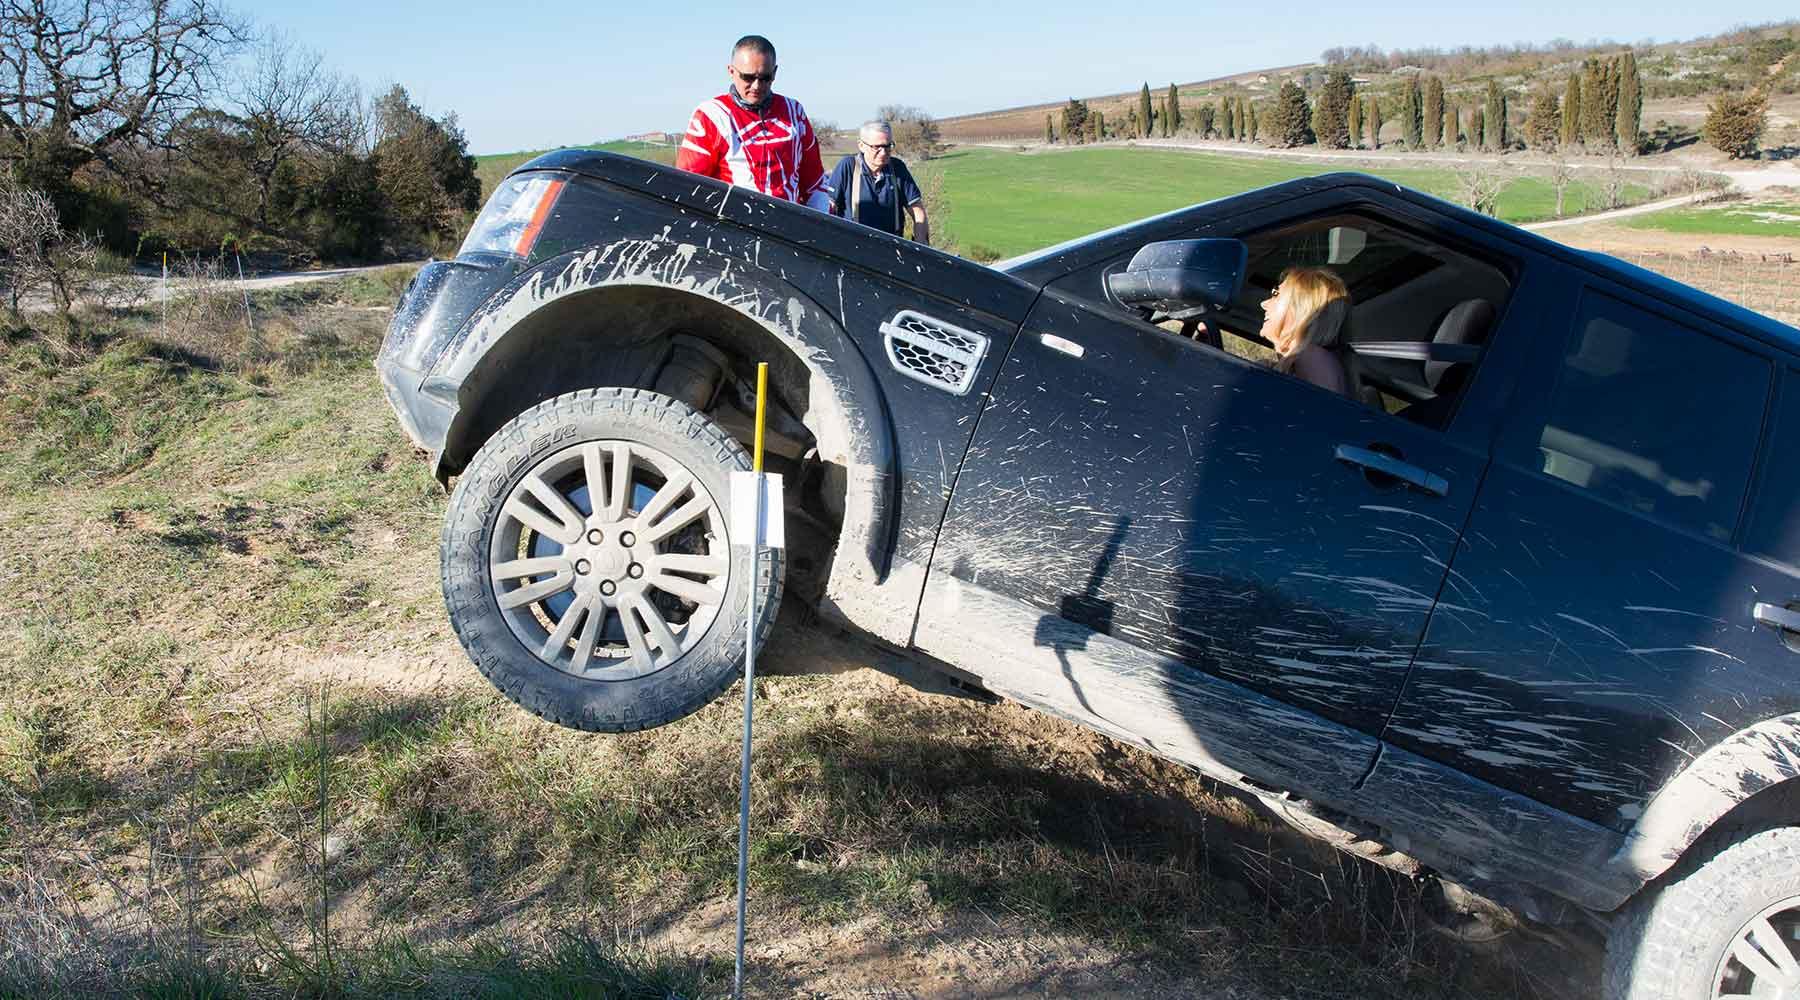 Raduno-Land-Rover-Day-Umbria-2021-03